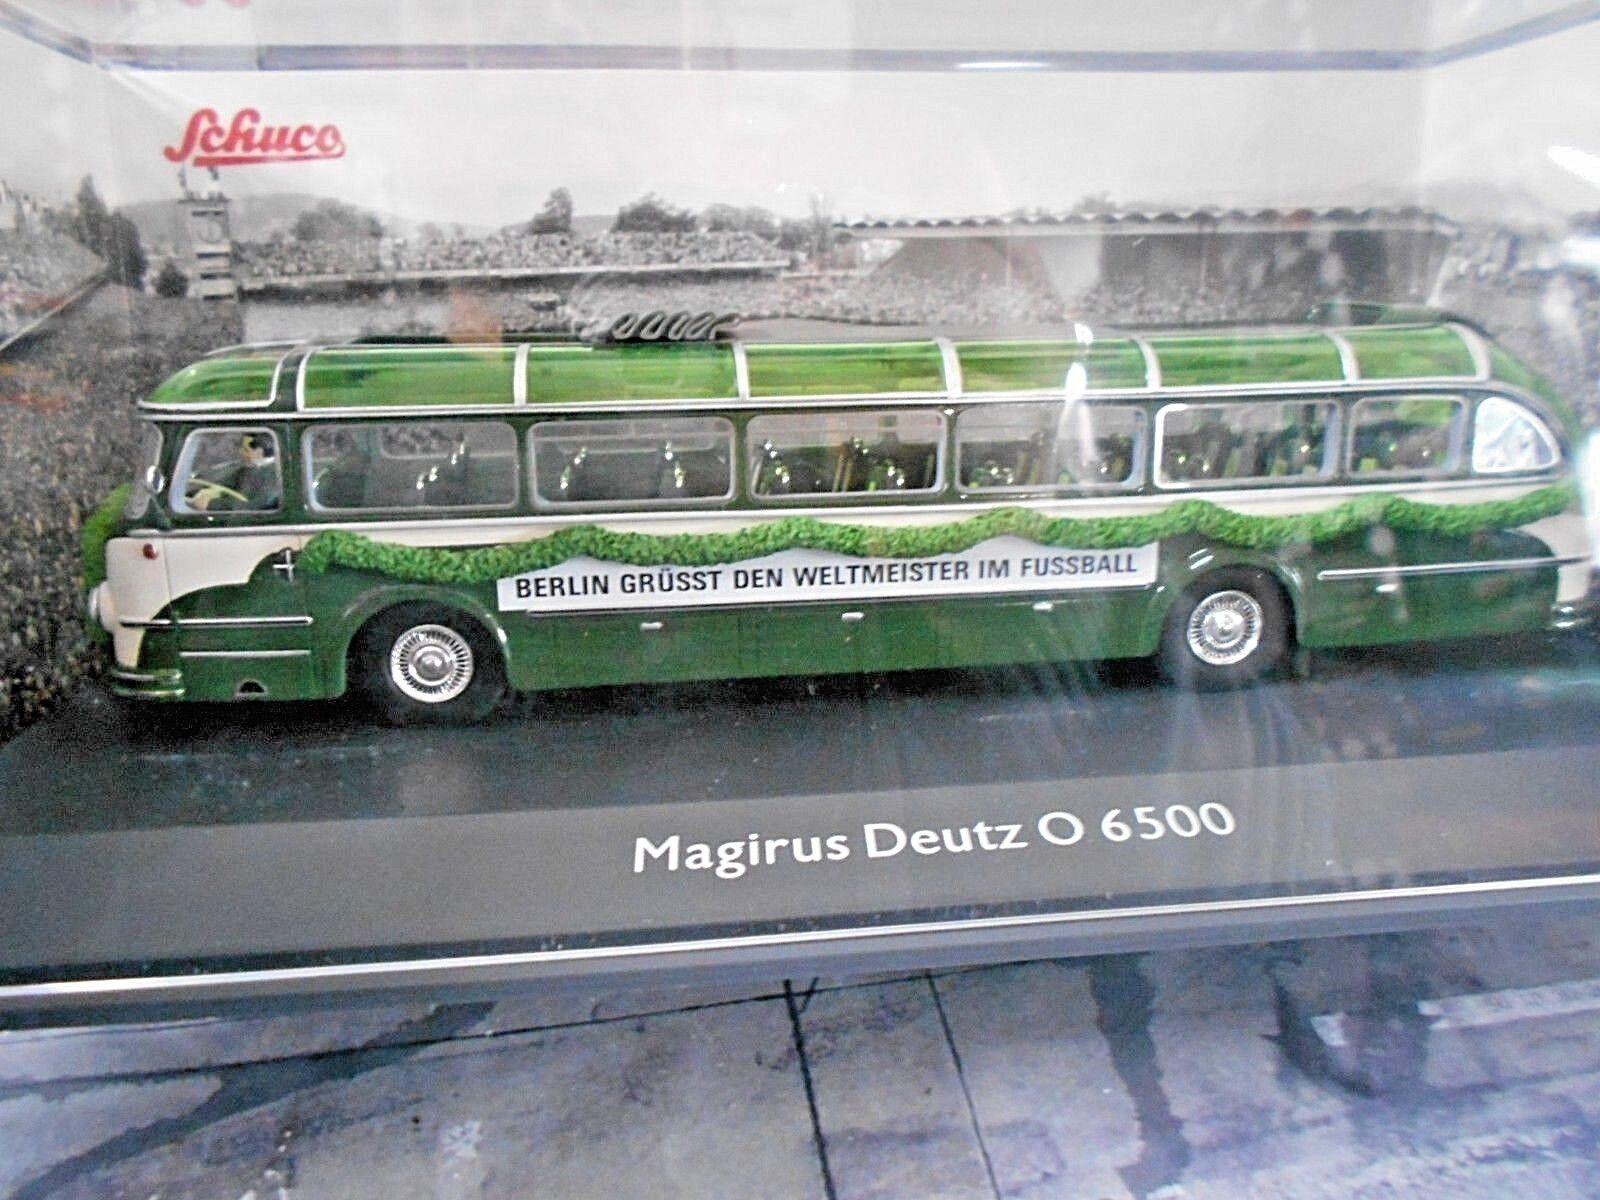 Magirus deutz omnibus - bus (6500 o6500 fu ß ball wm 1954 weltmeister schuco 1 43